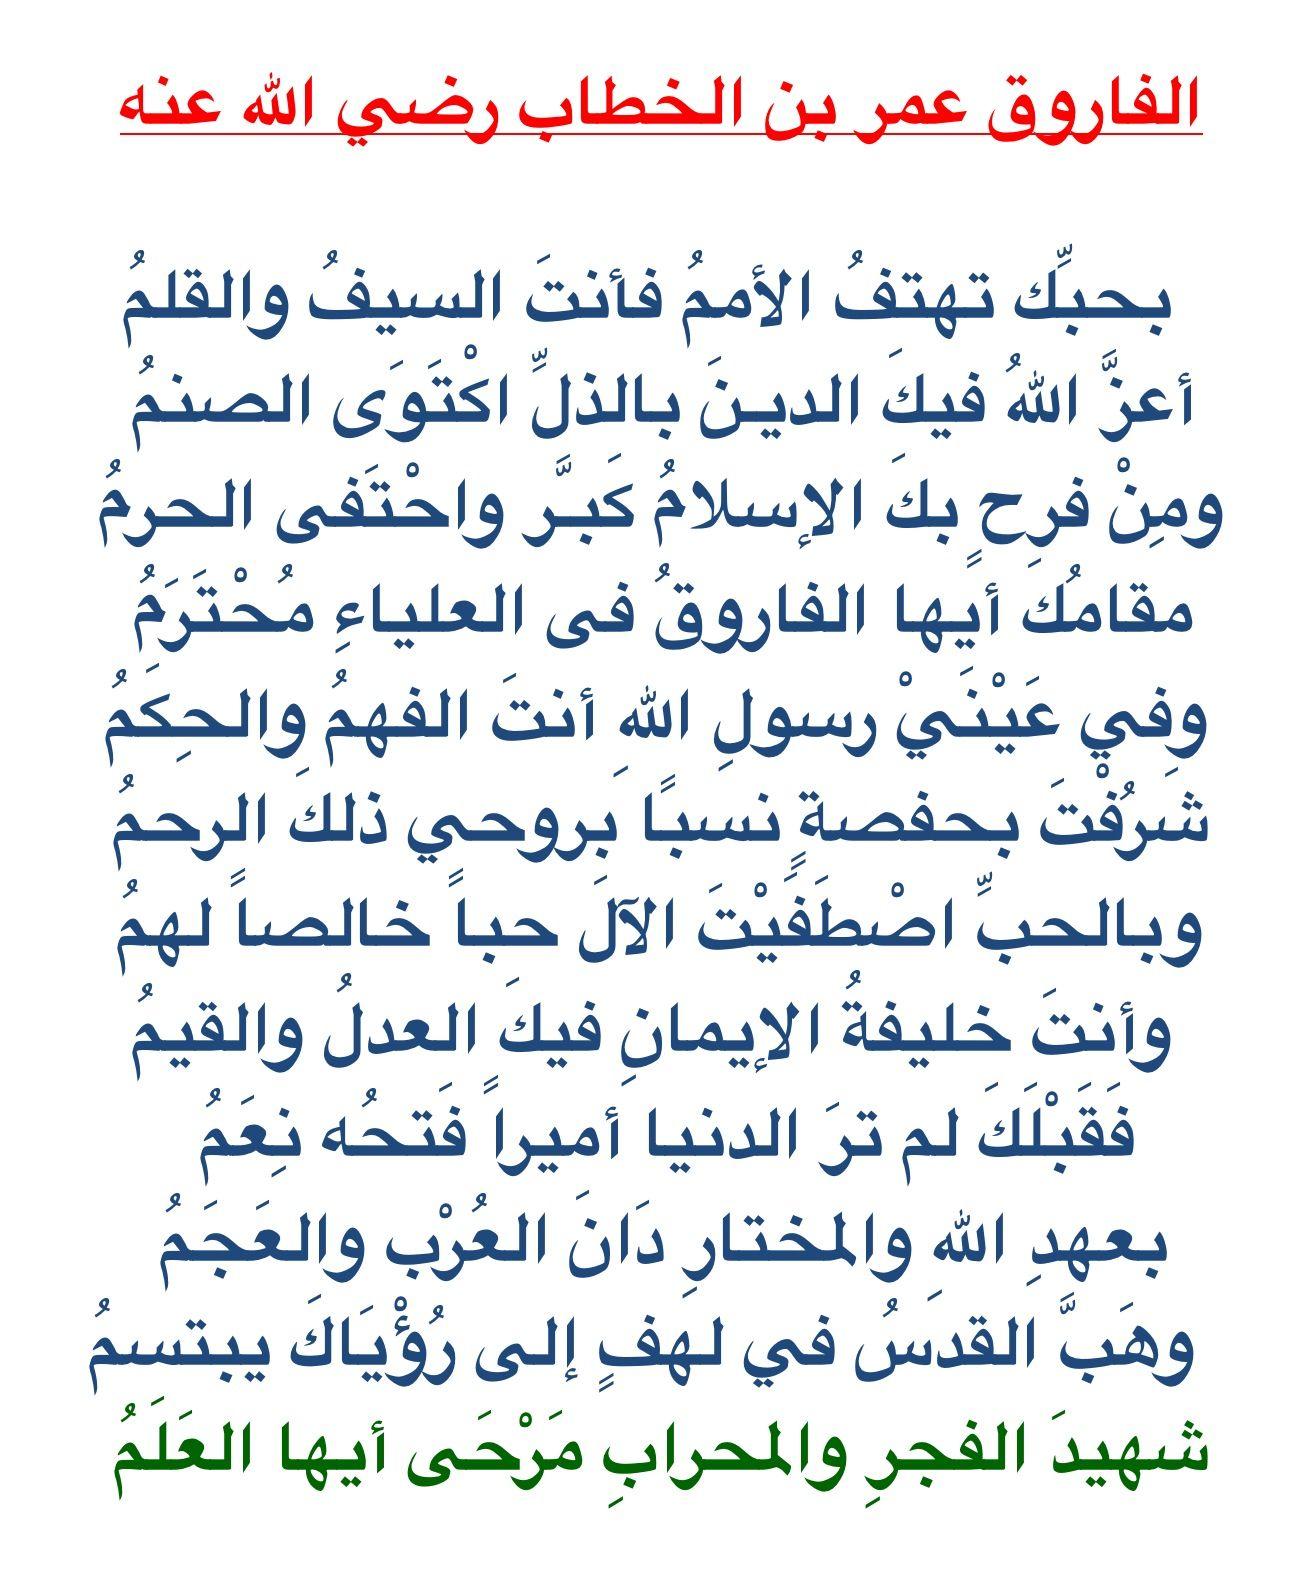 الفاروق عمر بن الخطاب رضي الله عنه الخلفاء الراشدون Noor Quran Verses Peace Be Upon Him Verses